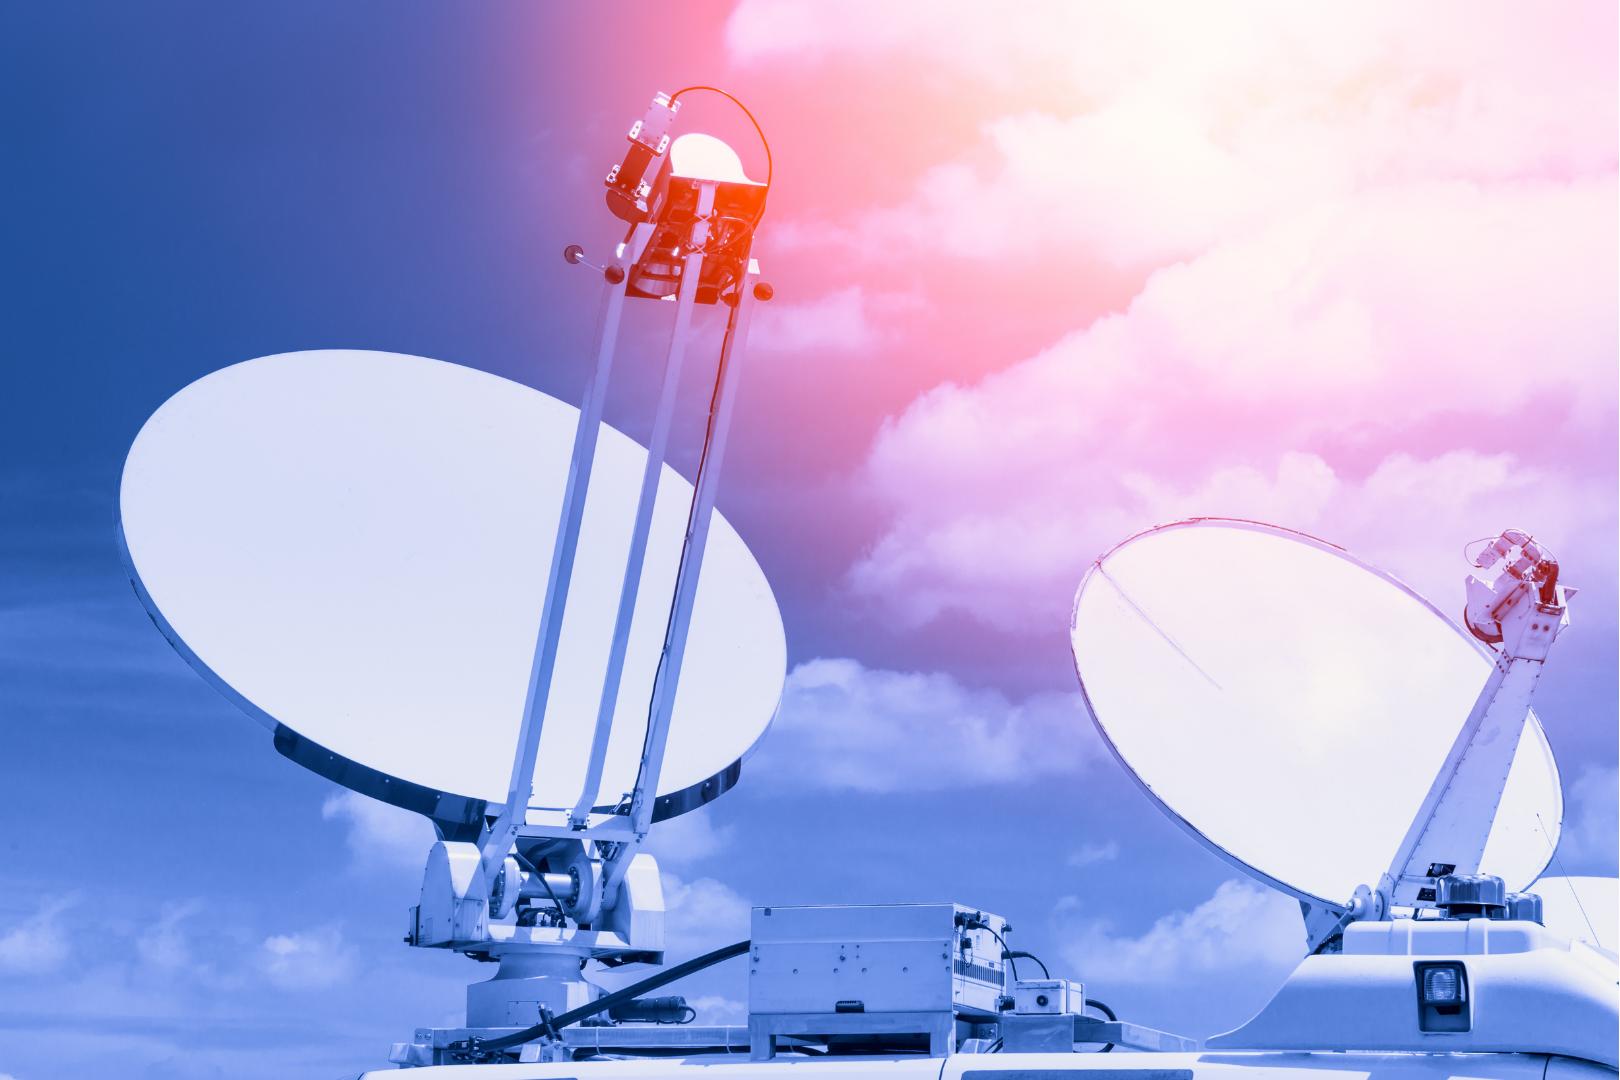 smi-blog-satellite